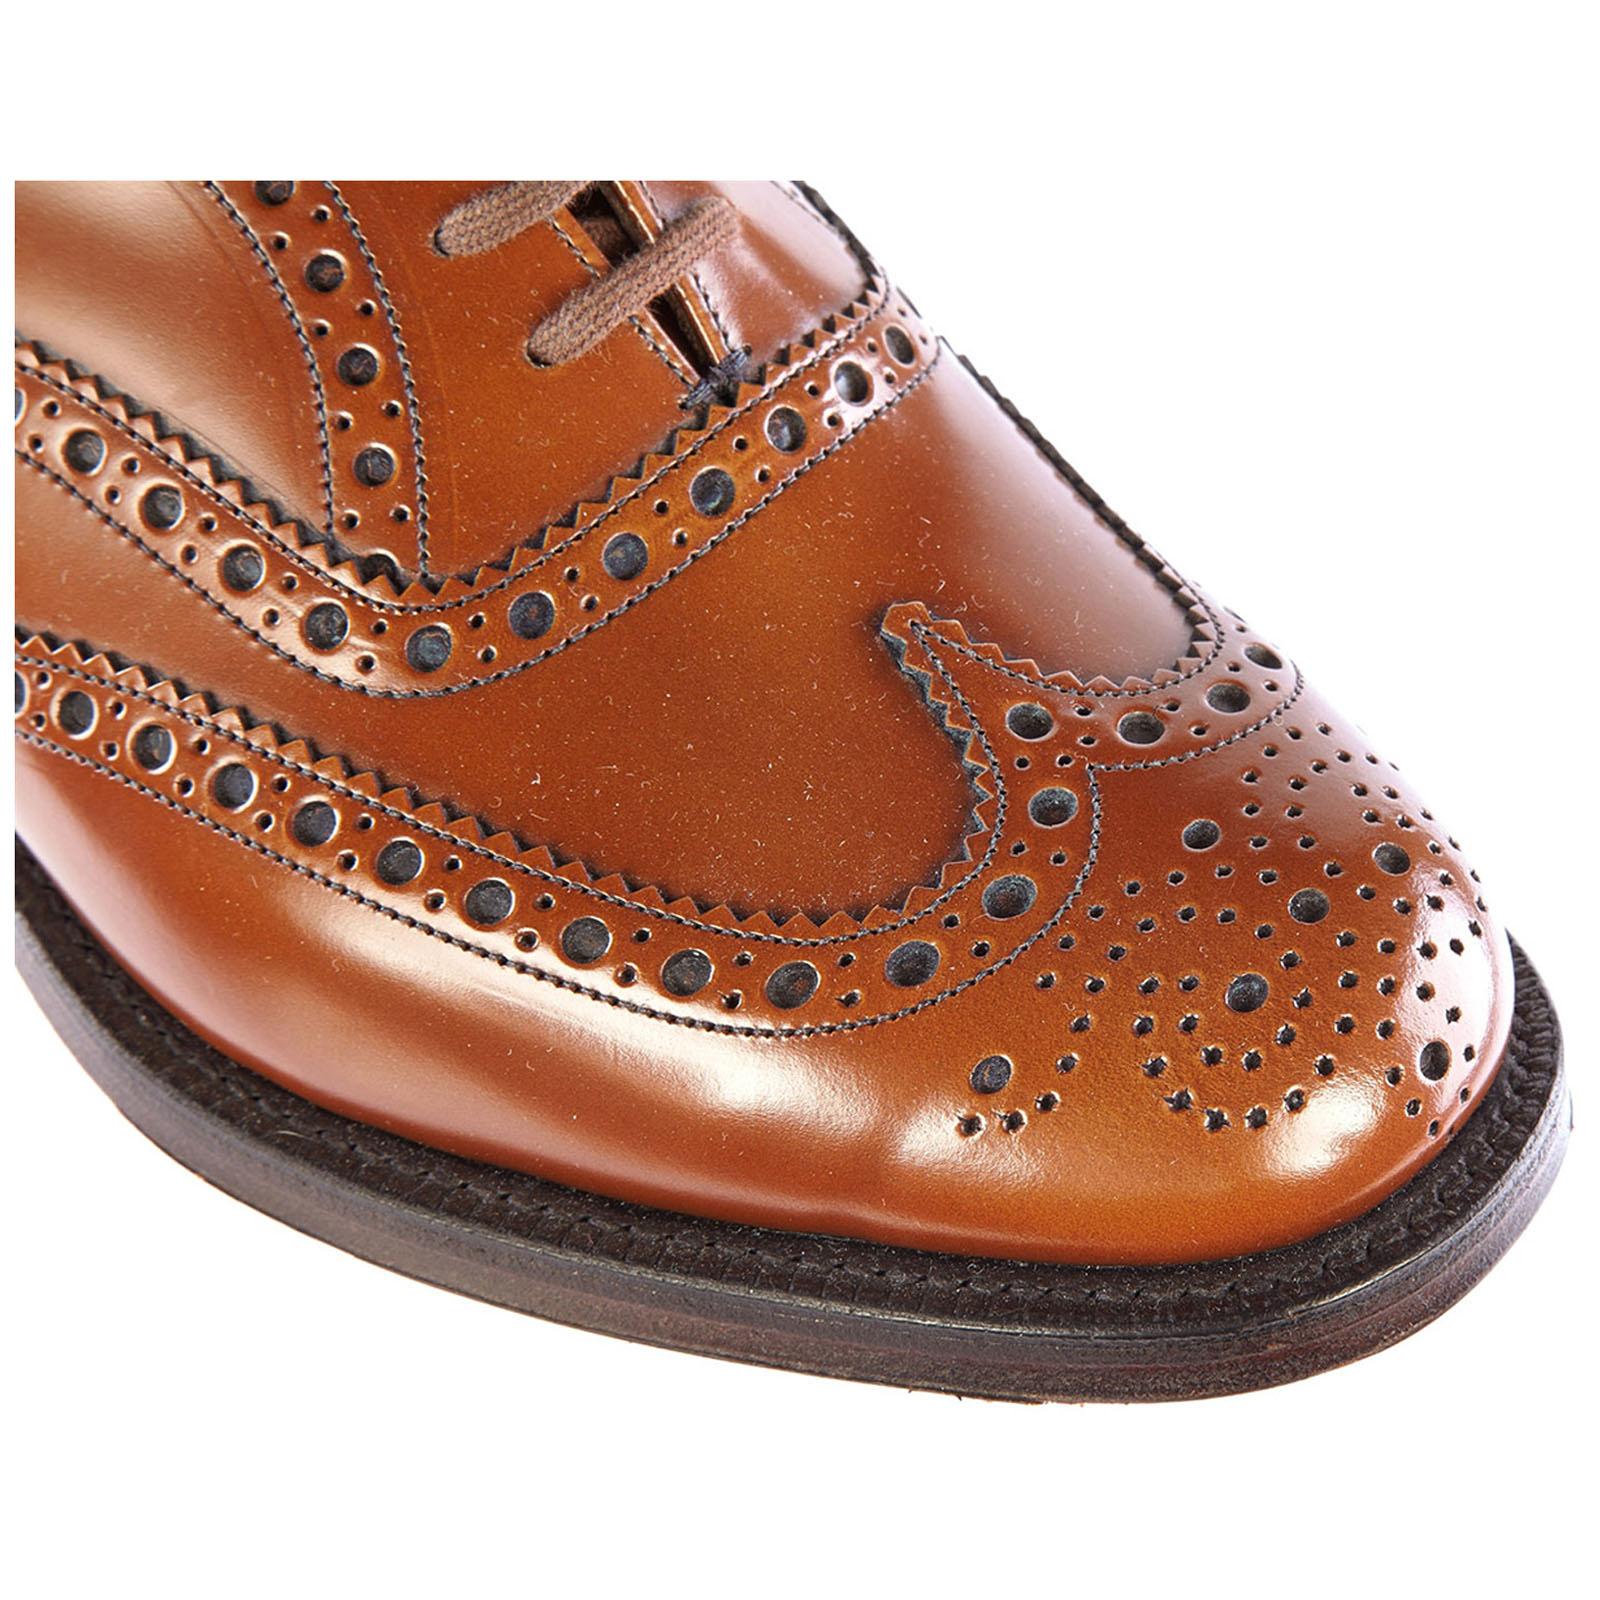 Clásico zapatos de cordones hombres en piel brogue